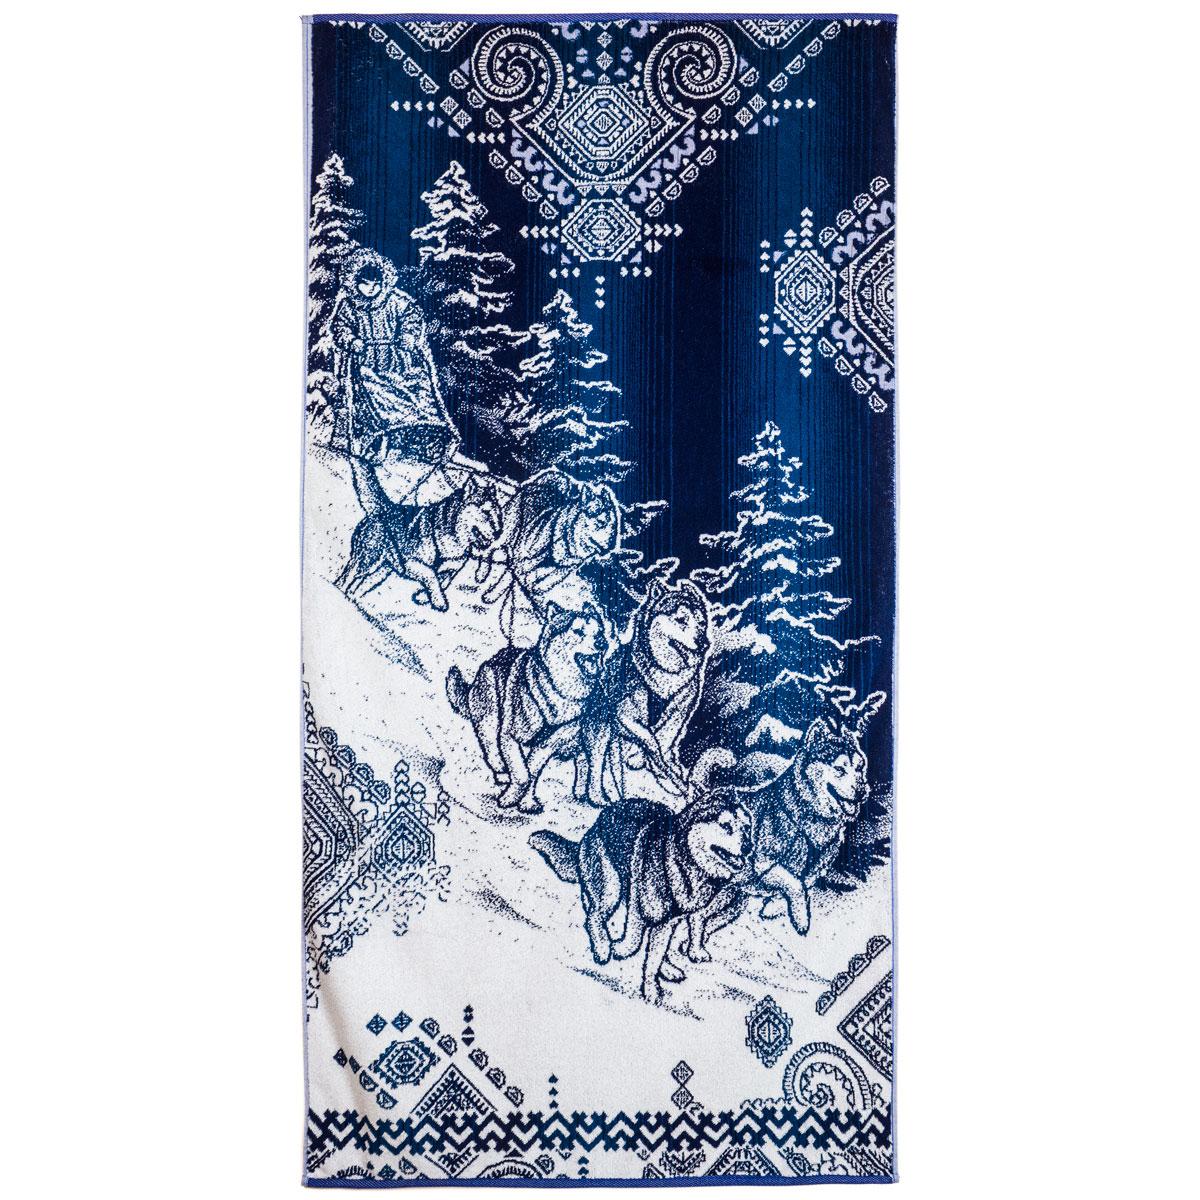 Полотенце  Упряжка  р. 70х140 - Текстиль для дома артикул: 29869